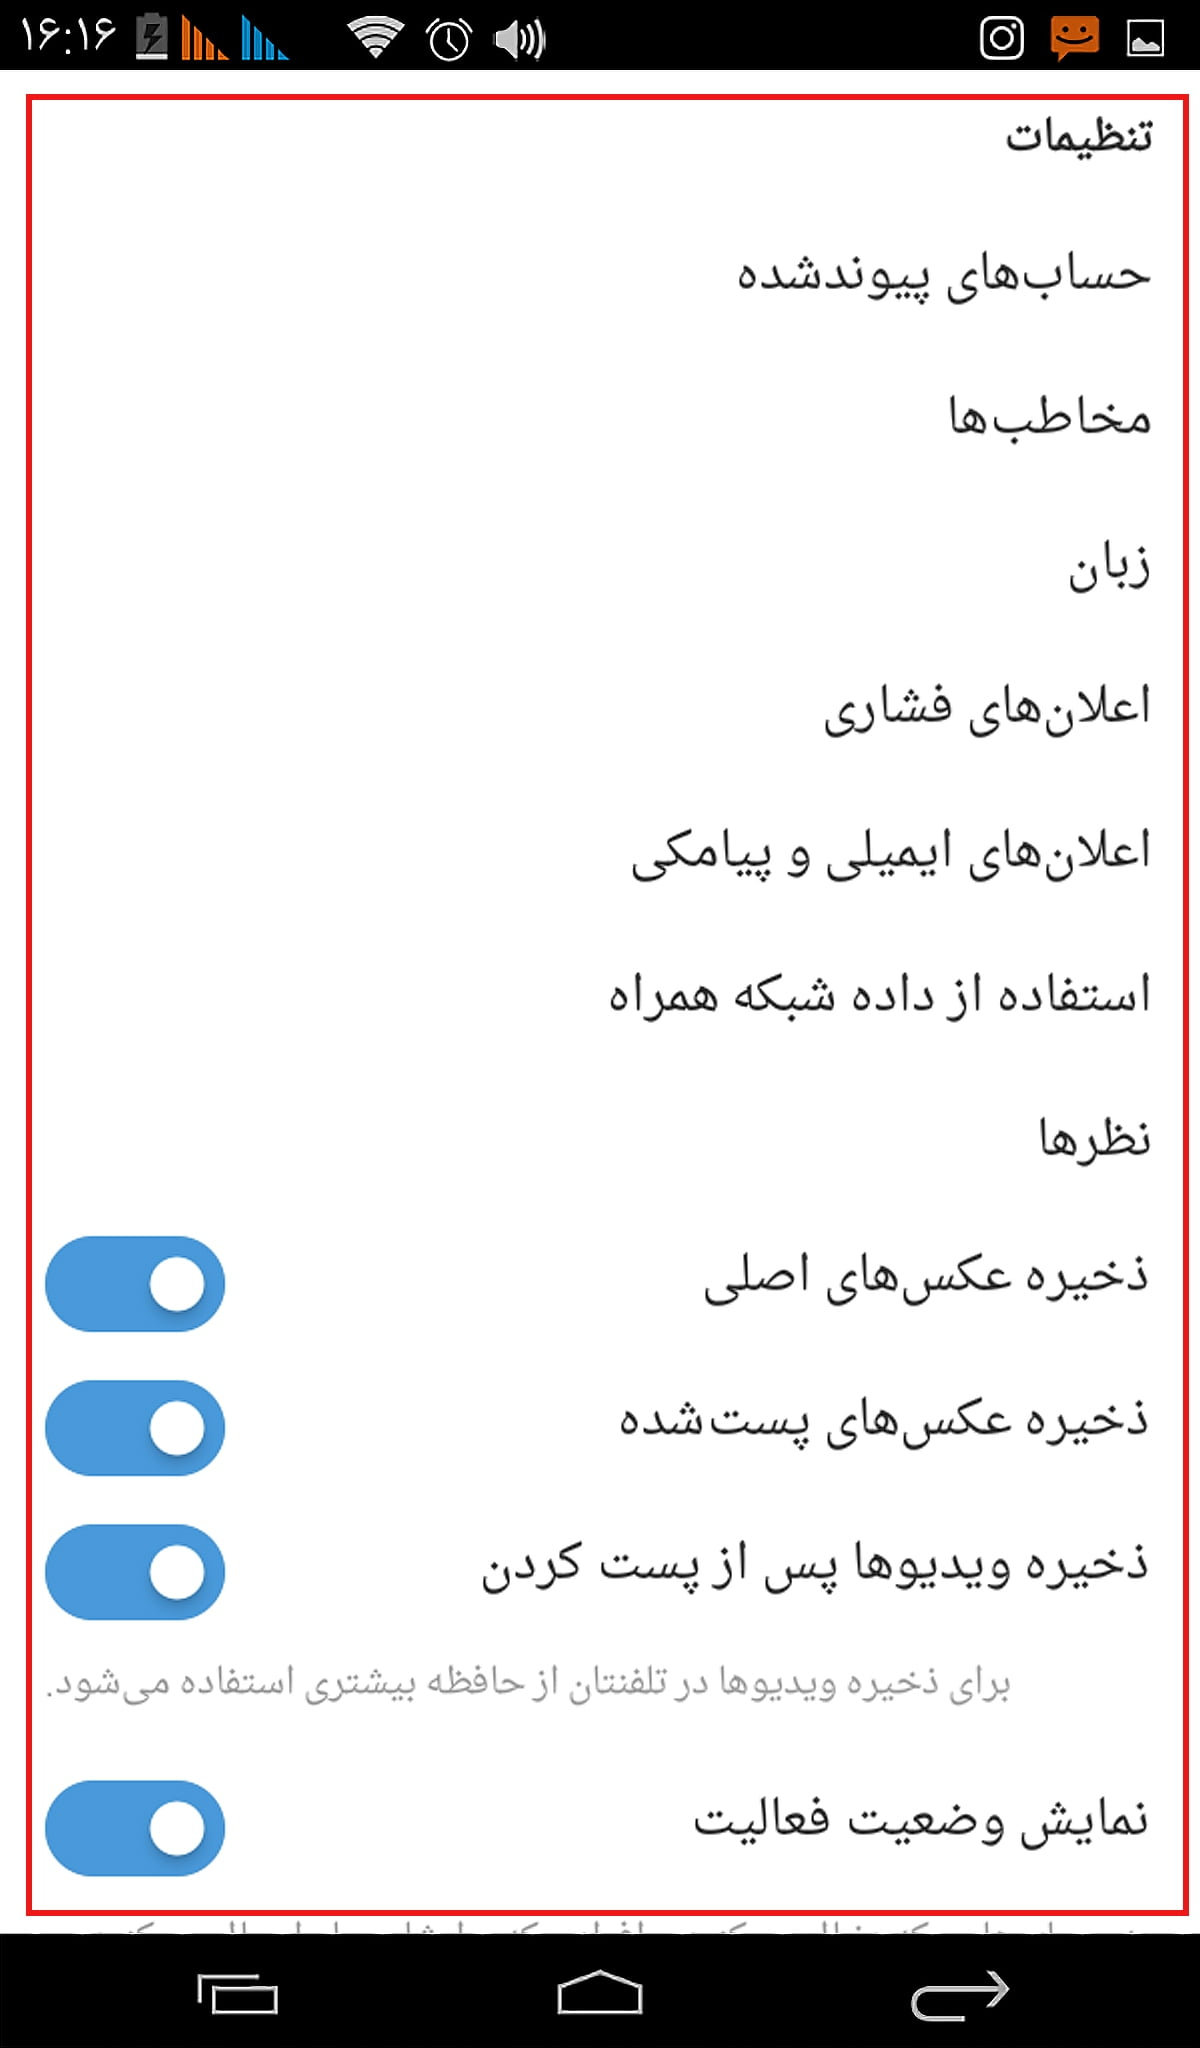 تنظیمات اینستاگرام